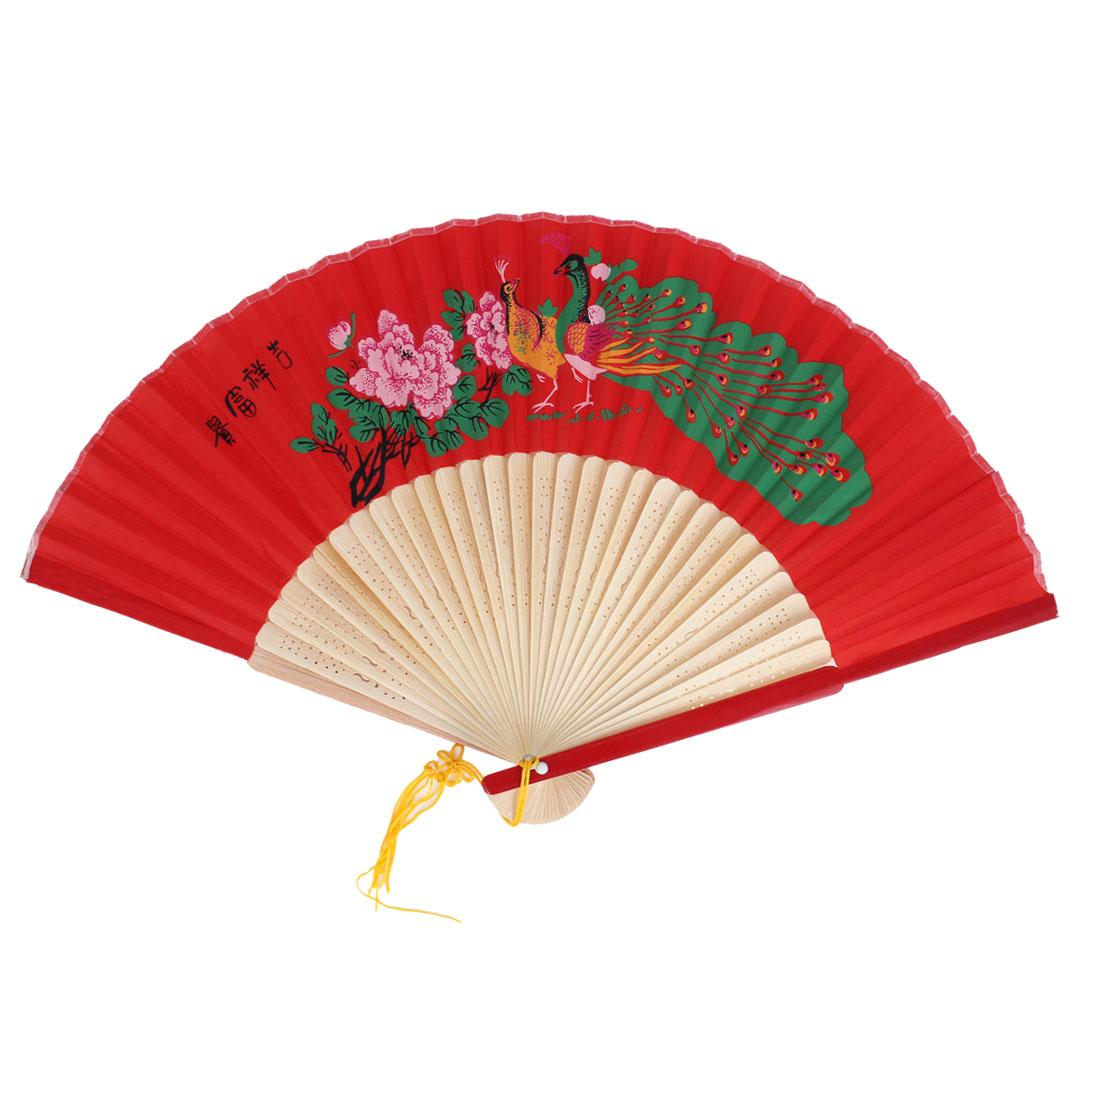 Peacock Floral Pattern Tassels Decor Bamboo Ribs Folding Hand Fan Red Beige